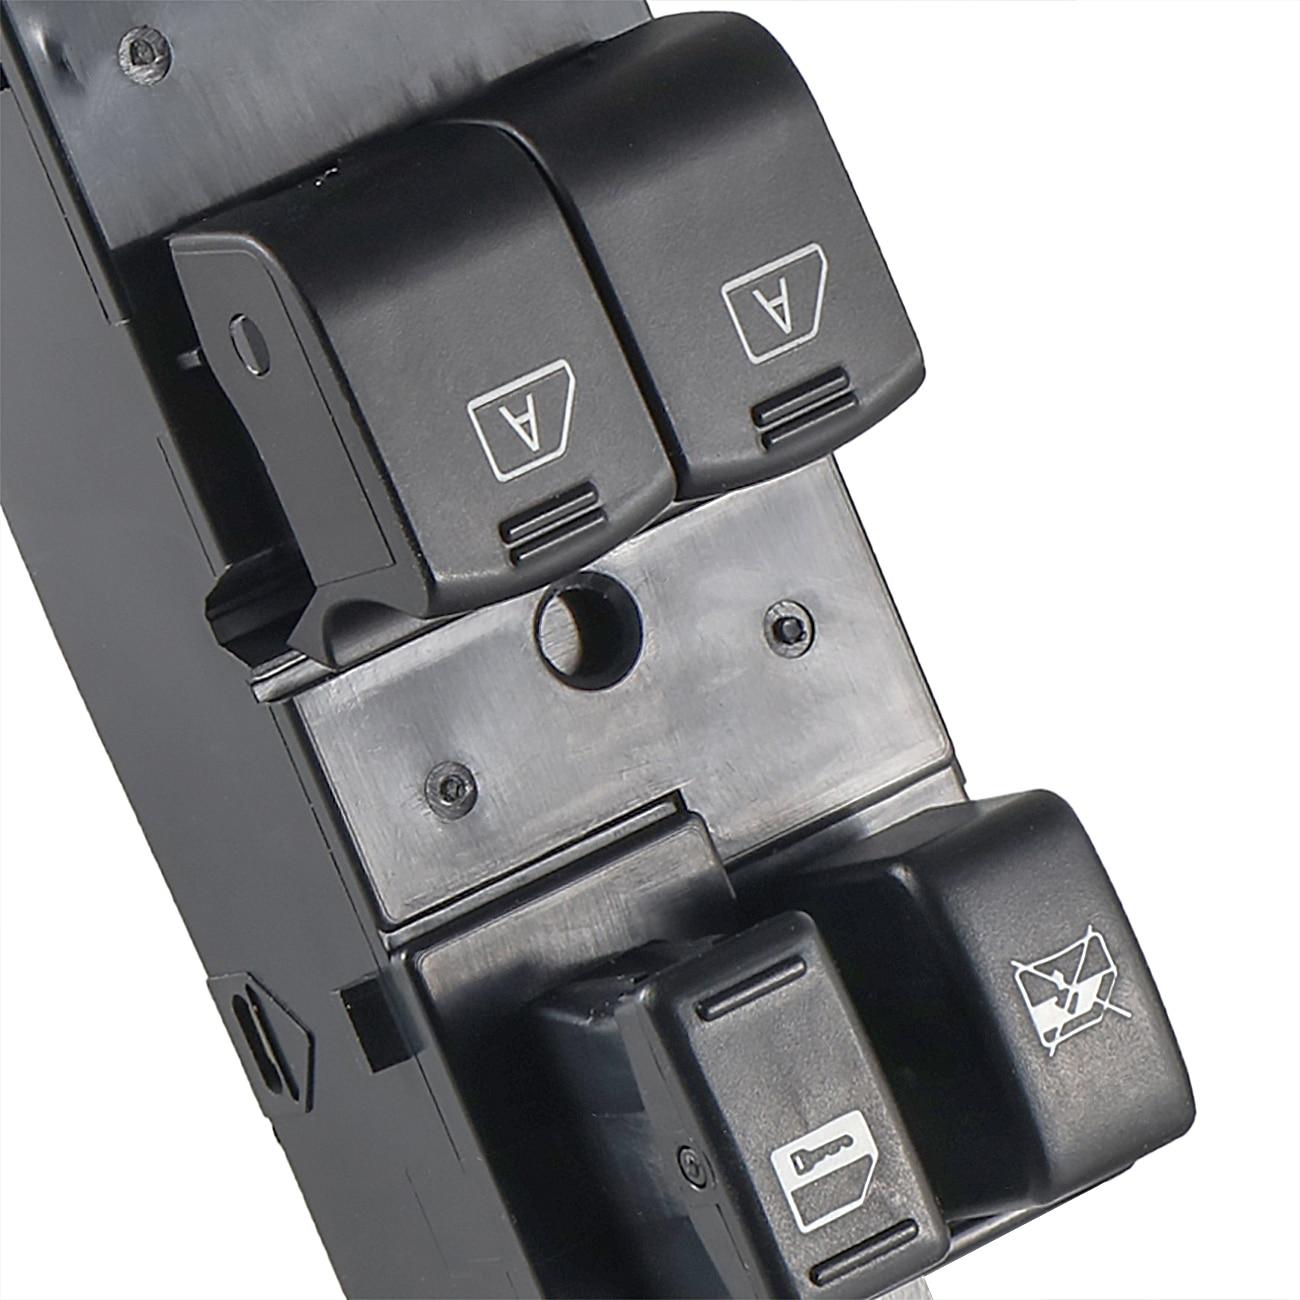 Cheap Sensores e interruptores